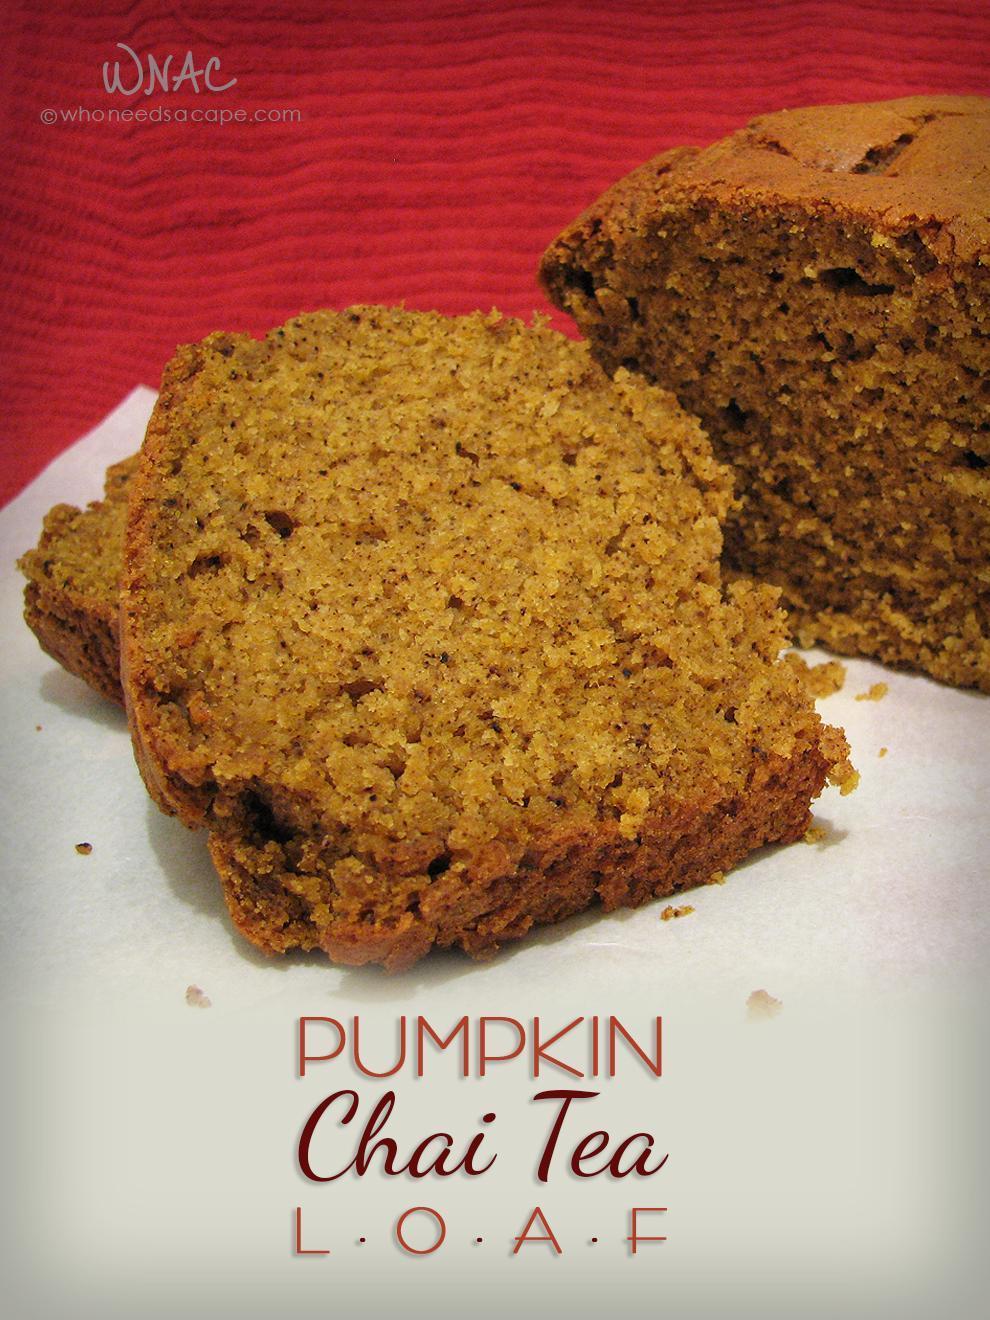 Pumpkin Chai Tea Loaf